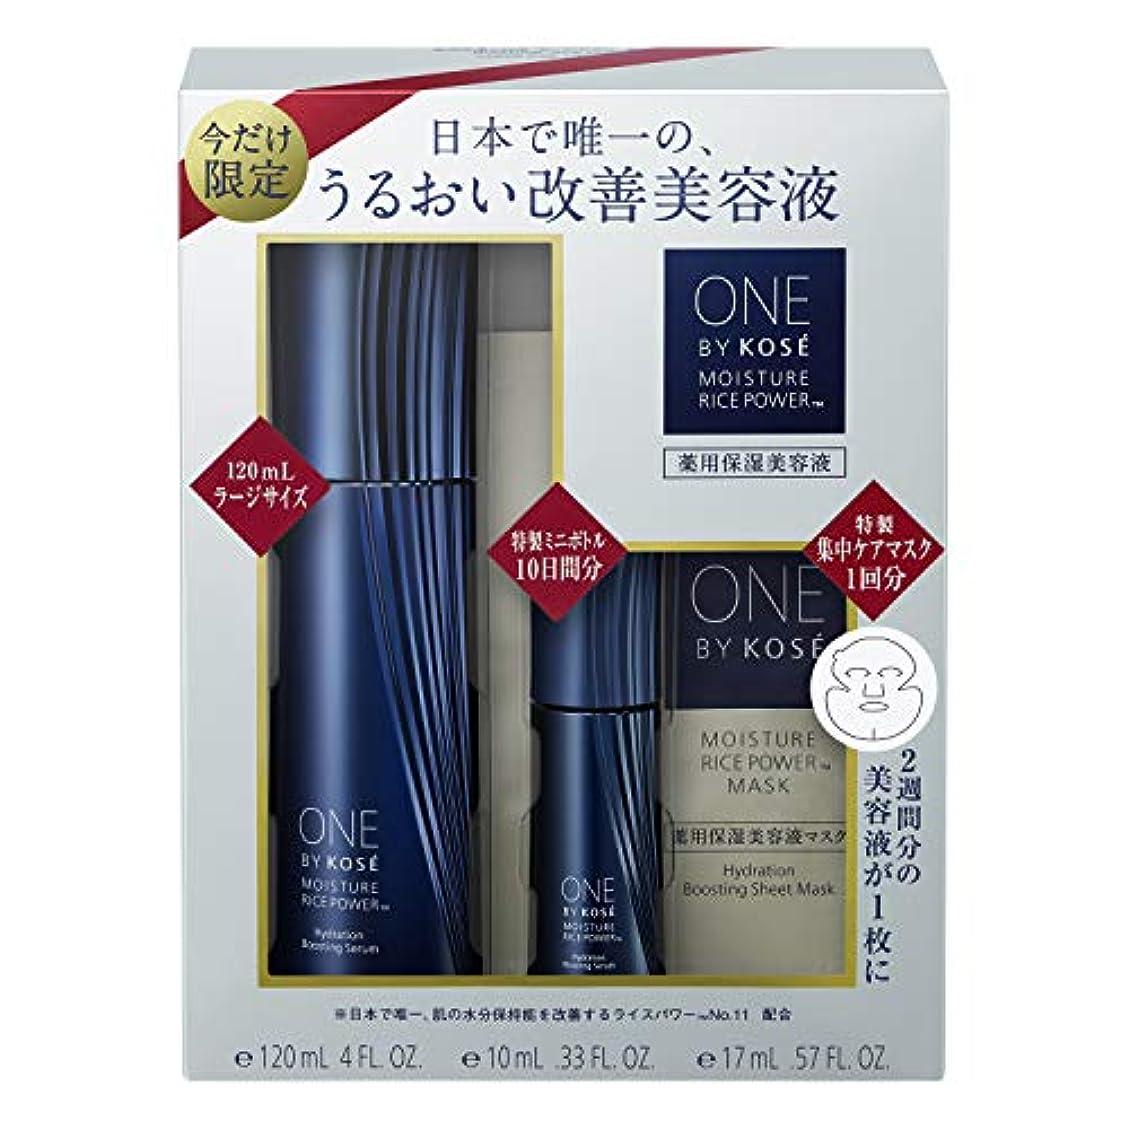 めんどりペースパワーセルONE BY KOSE 薬用保湿美容液 ラージサイズ 限定キット